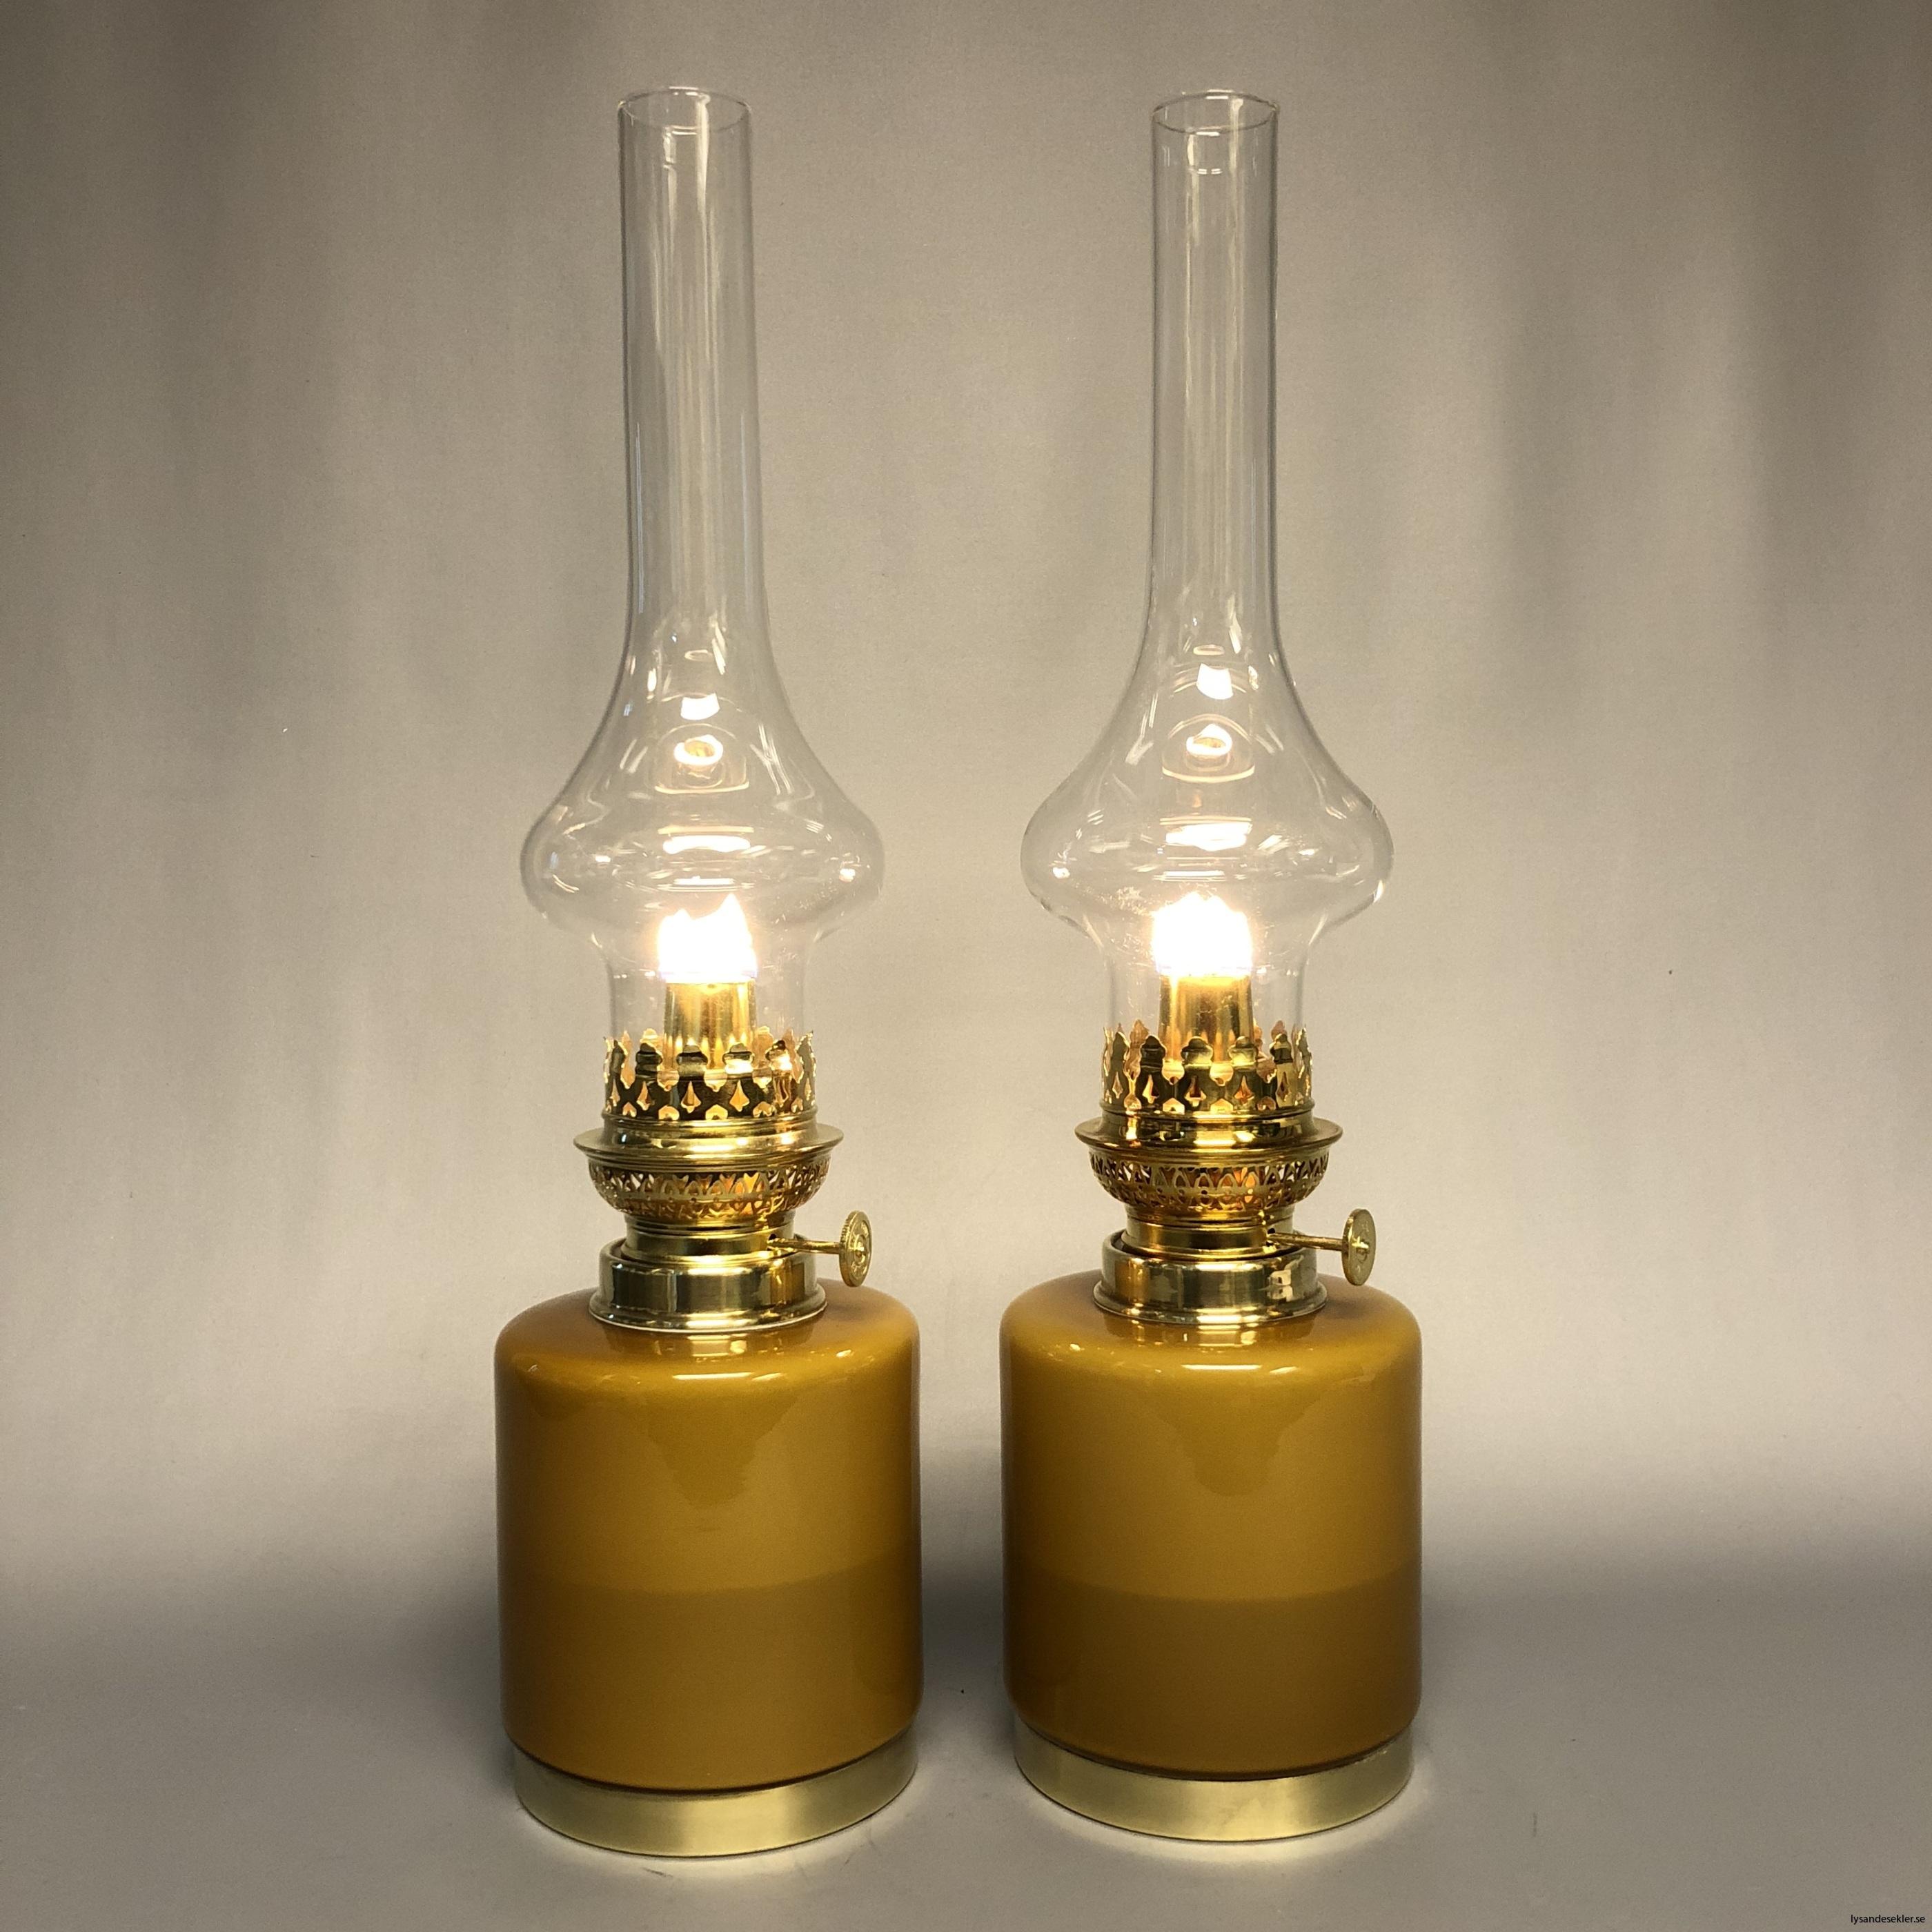 fotogenlampa fotogenlampor oljelampa oljelampor renoverad antik antikvitet14